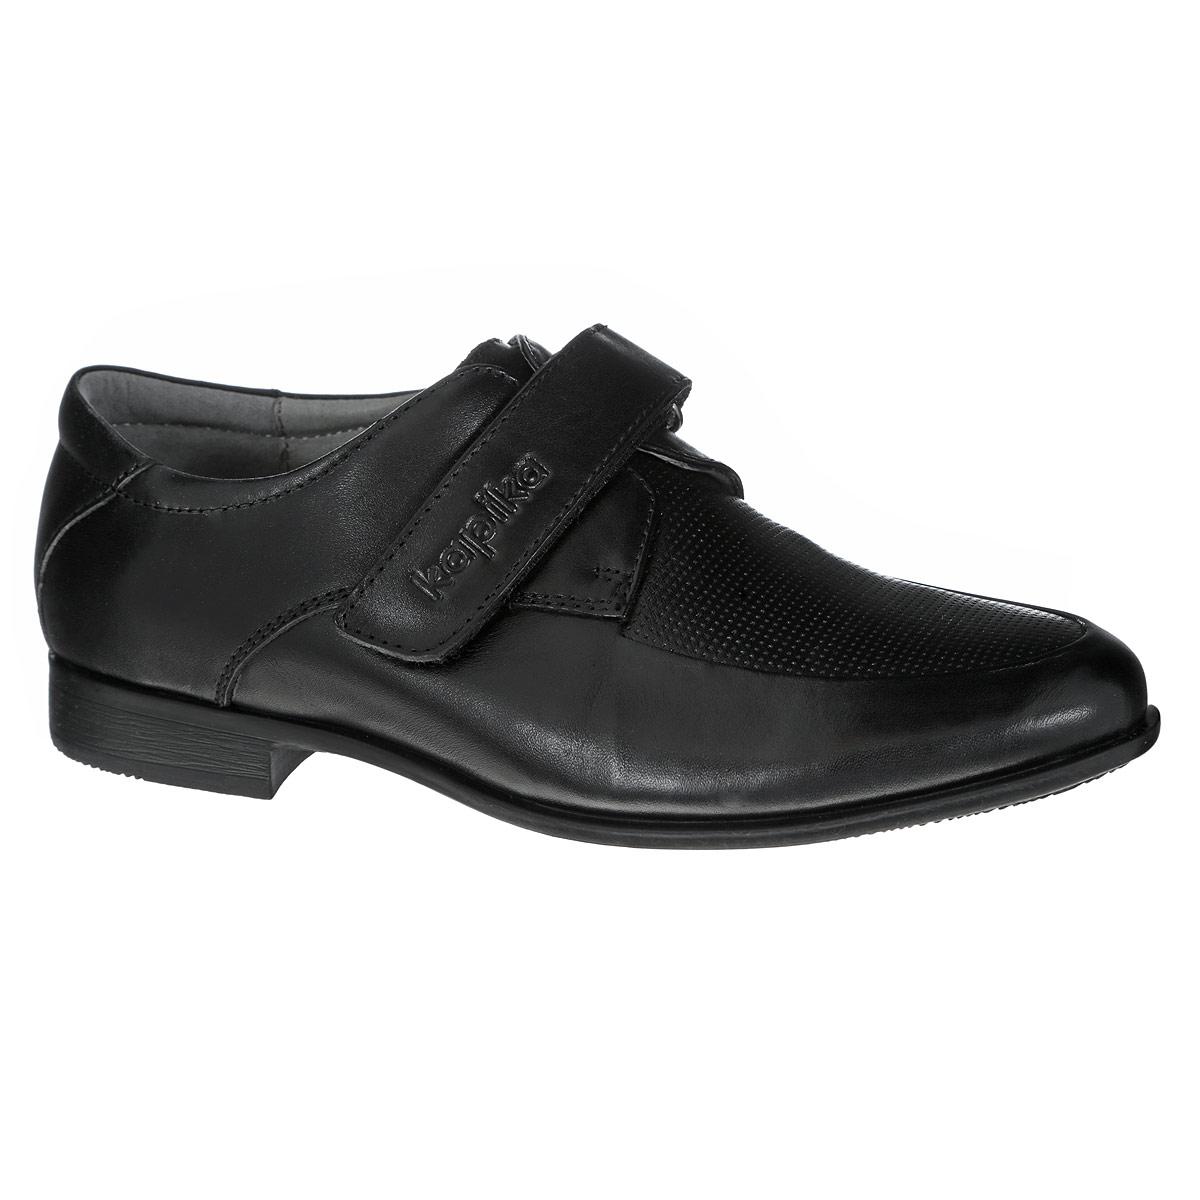 Туфли мальчику в школу купить